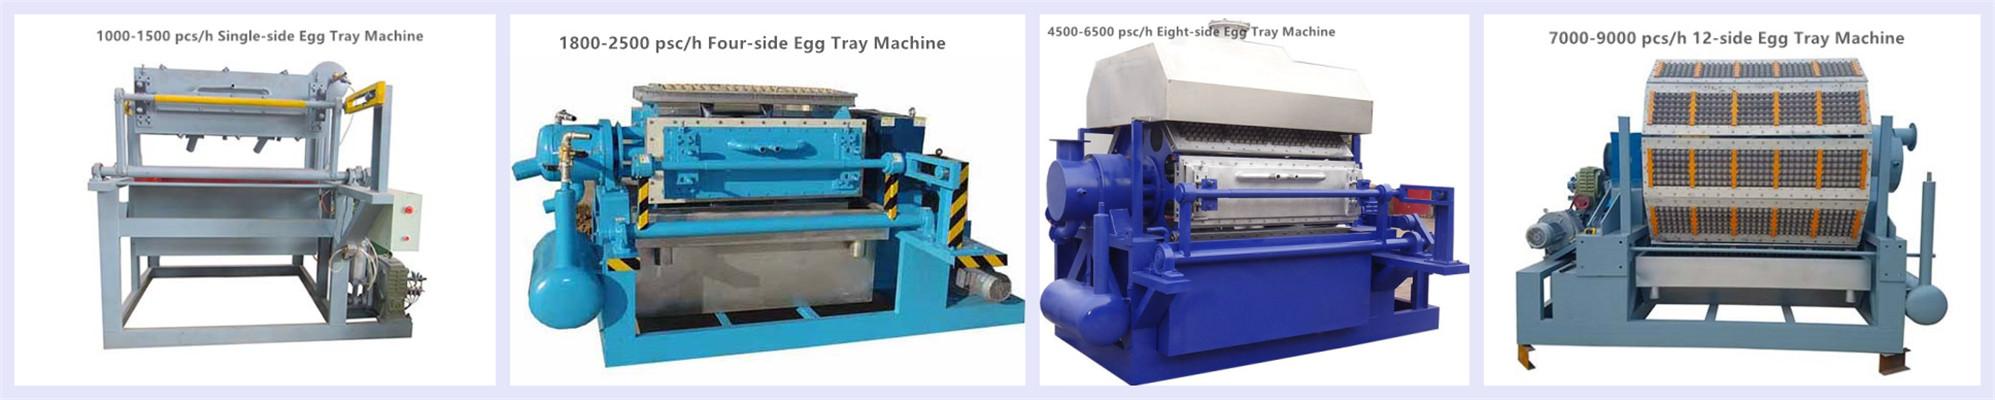 Rotary Egg Tray Machine from Beston